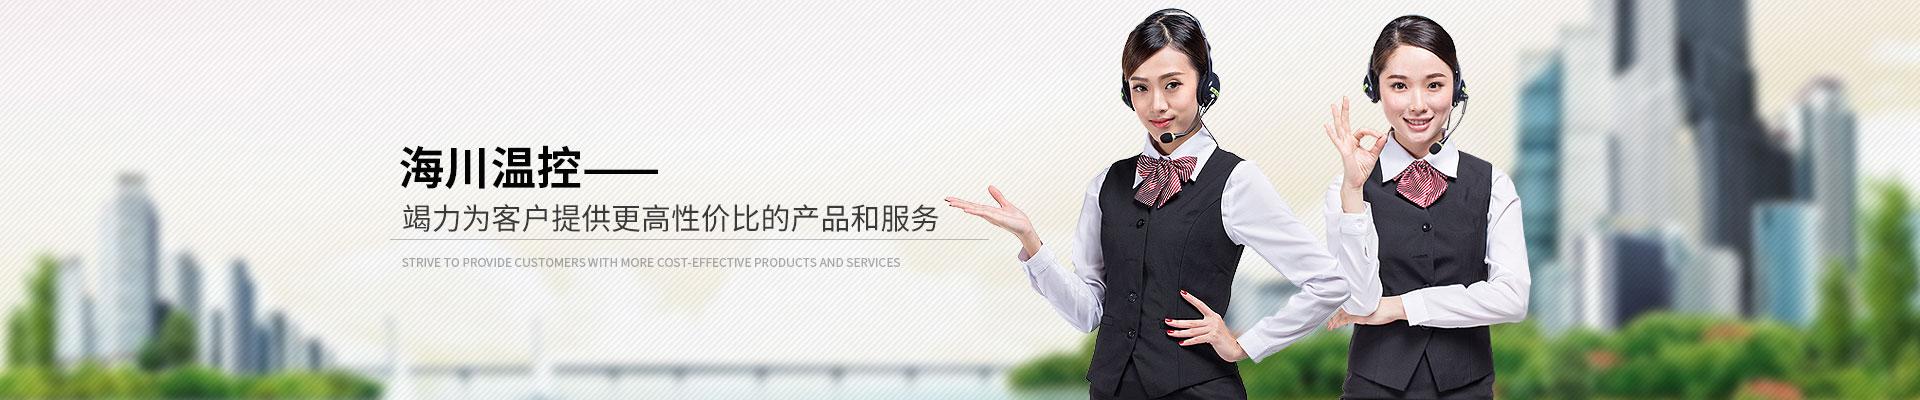 海川温控竭力为客户提供性价比的产品和服务